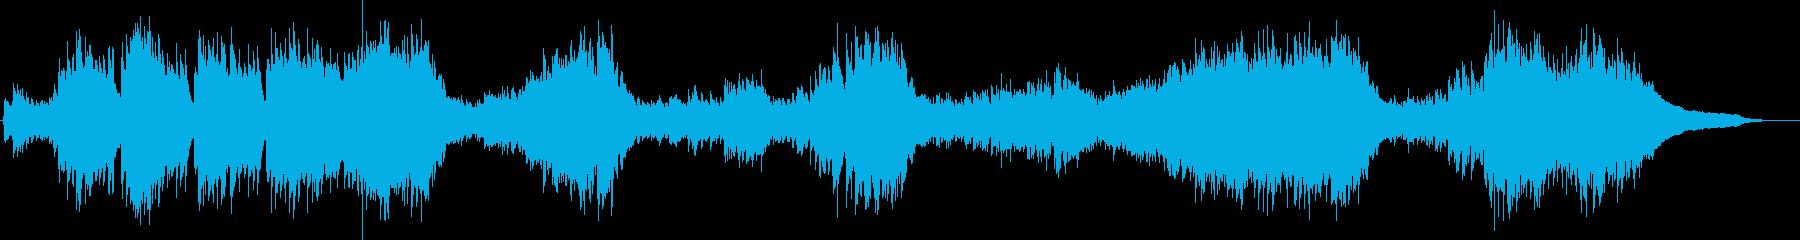 推理小説の1場面に合いそうなピアノ曲の再生済みの波形